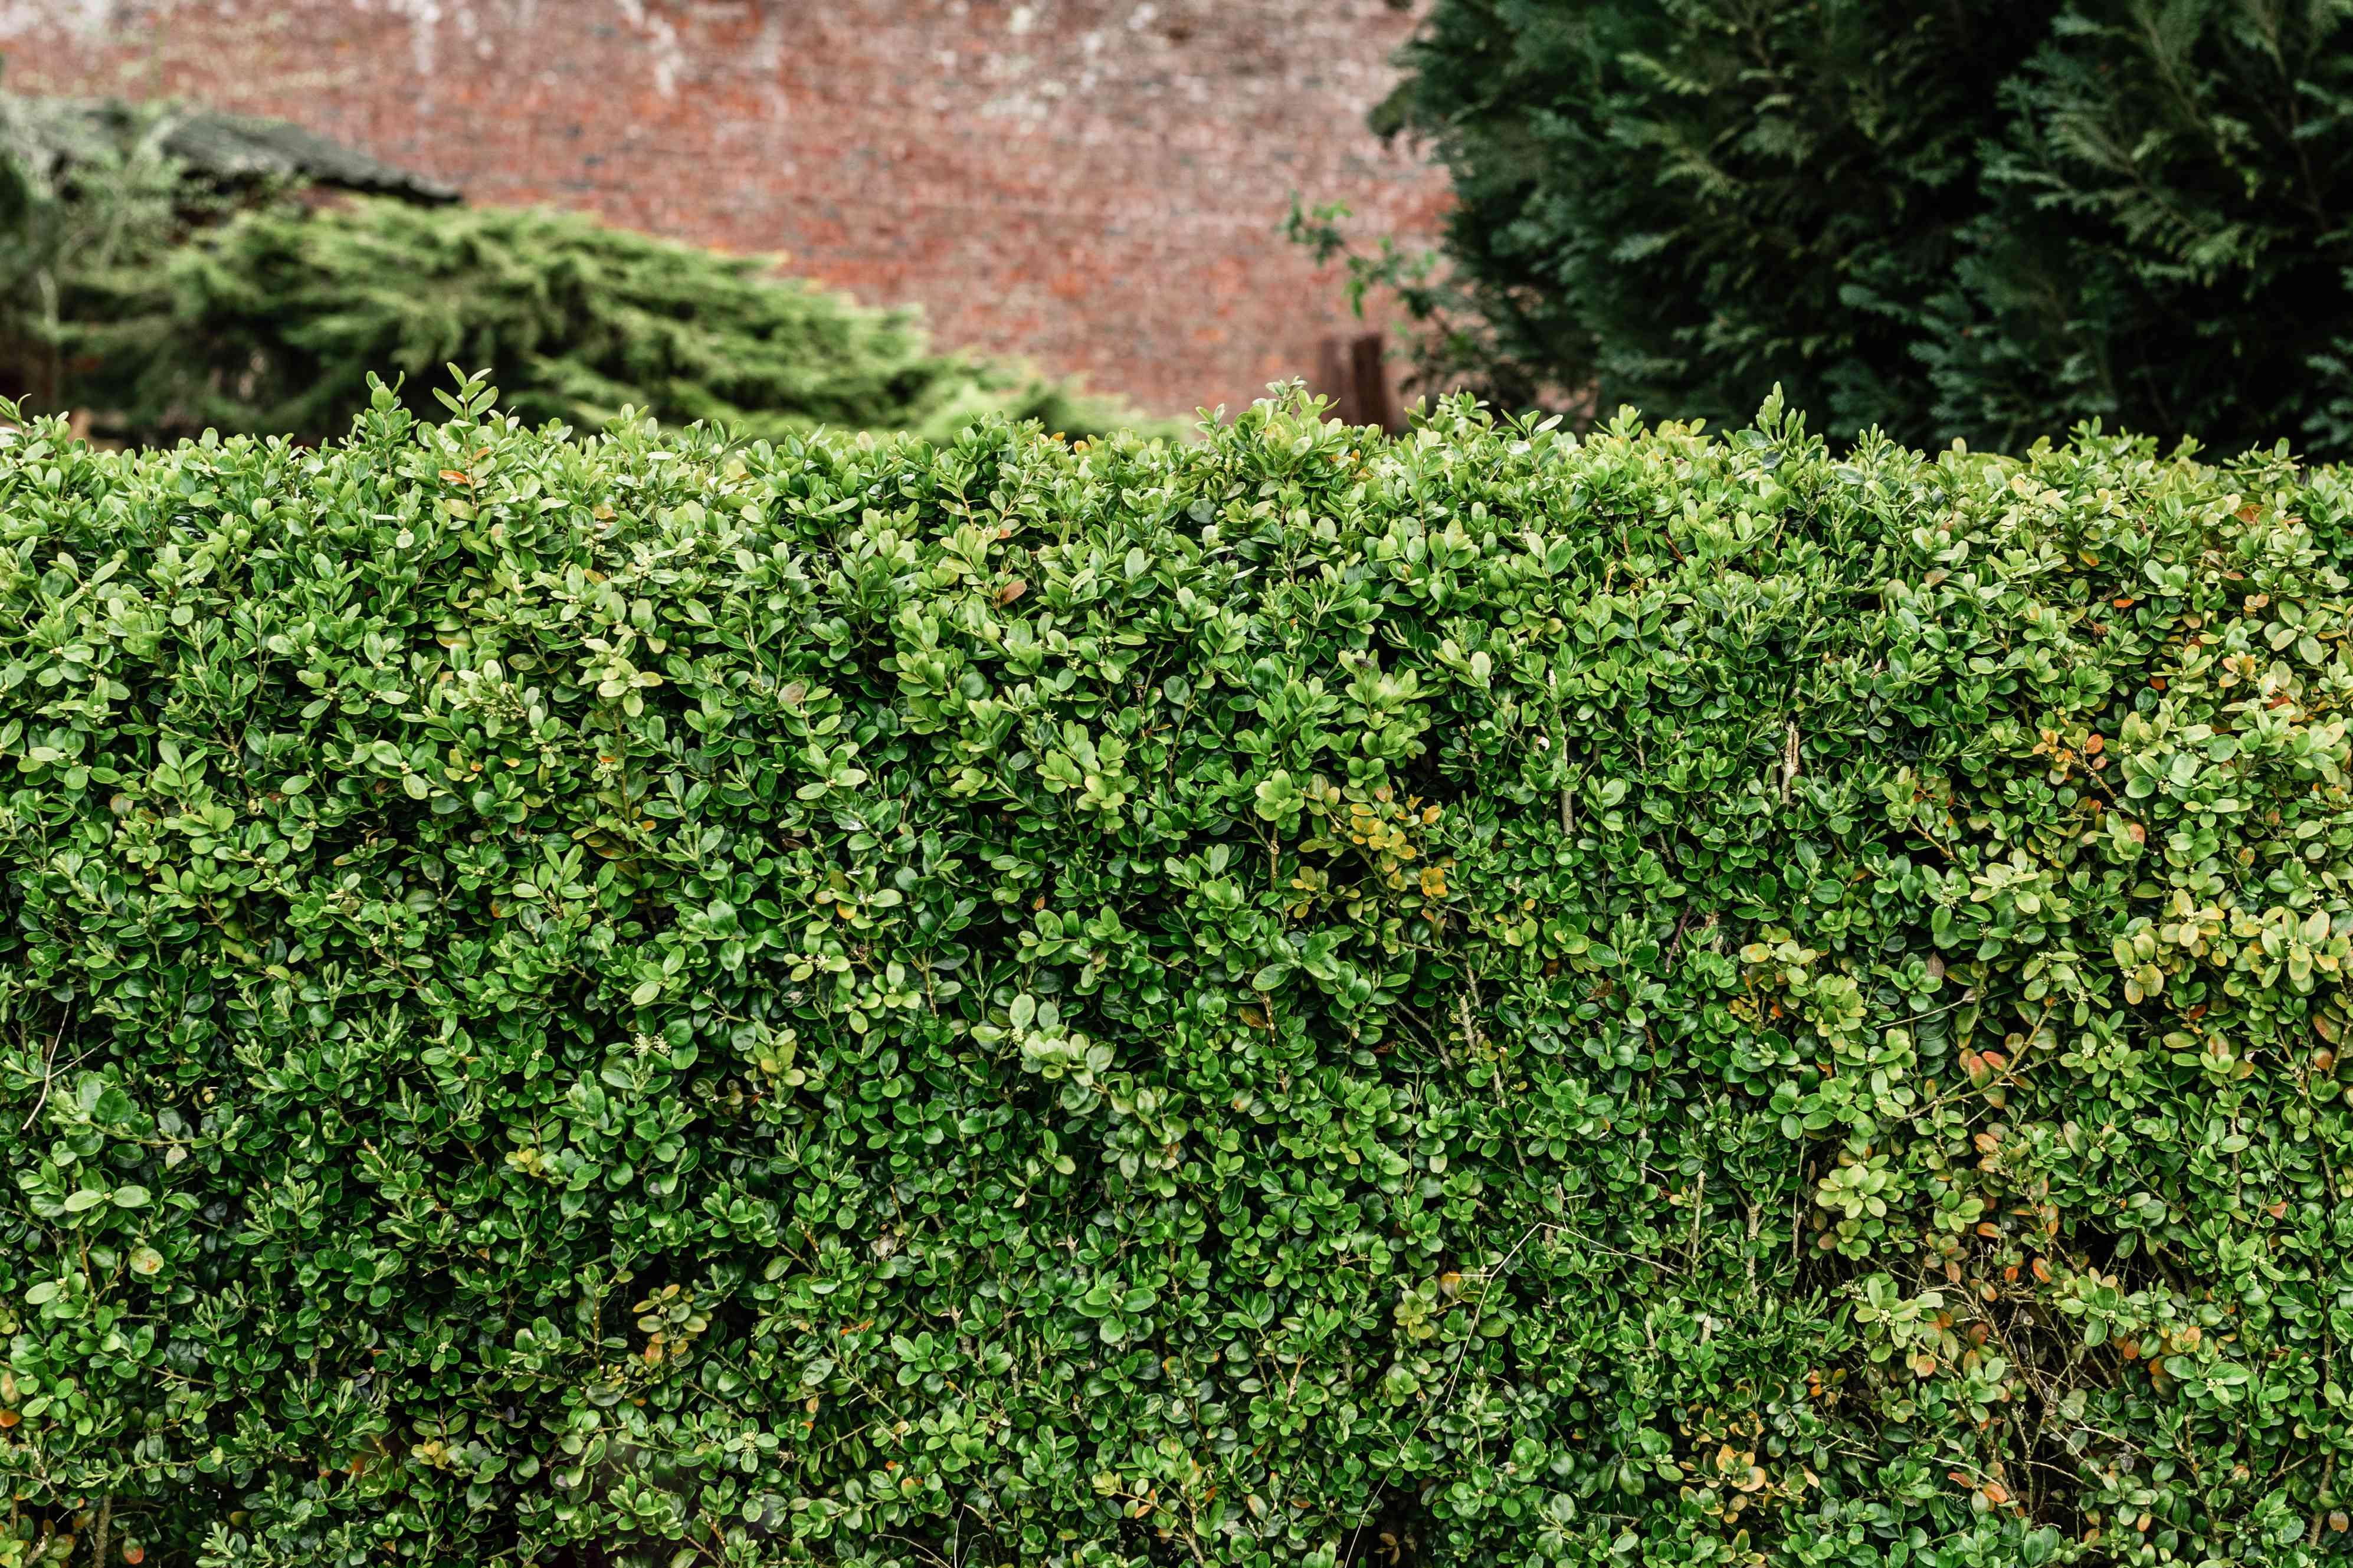 closeup of dwarf boxwood hedges